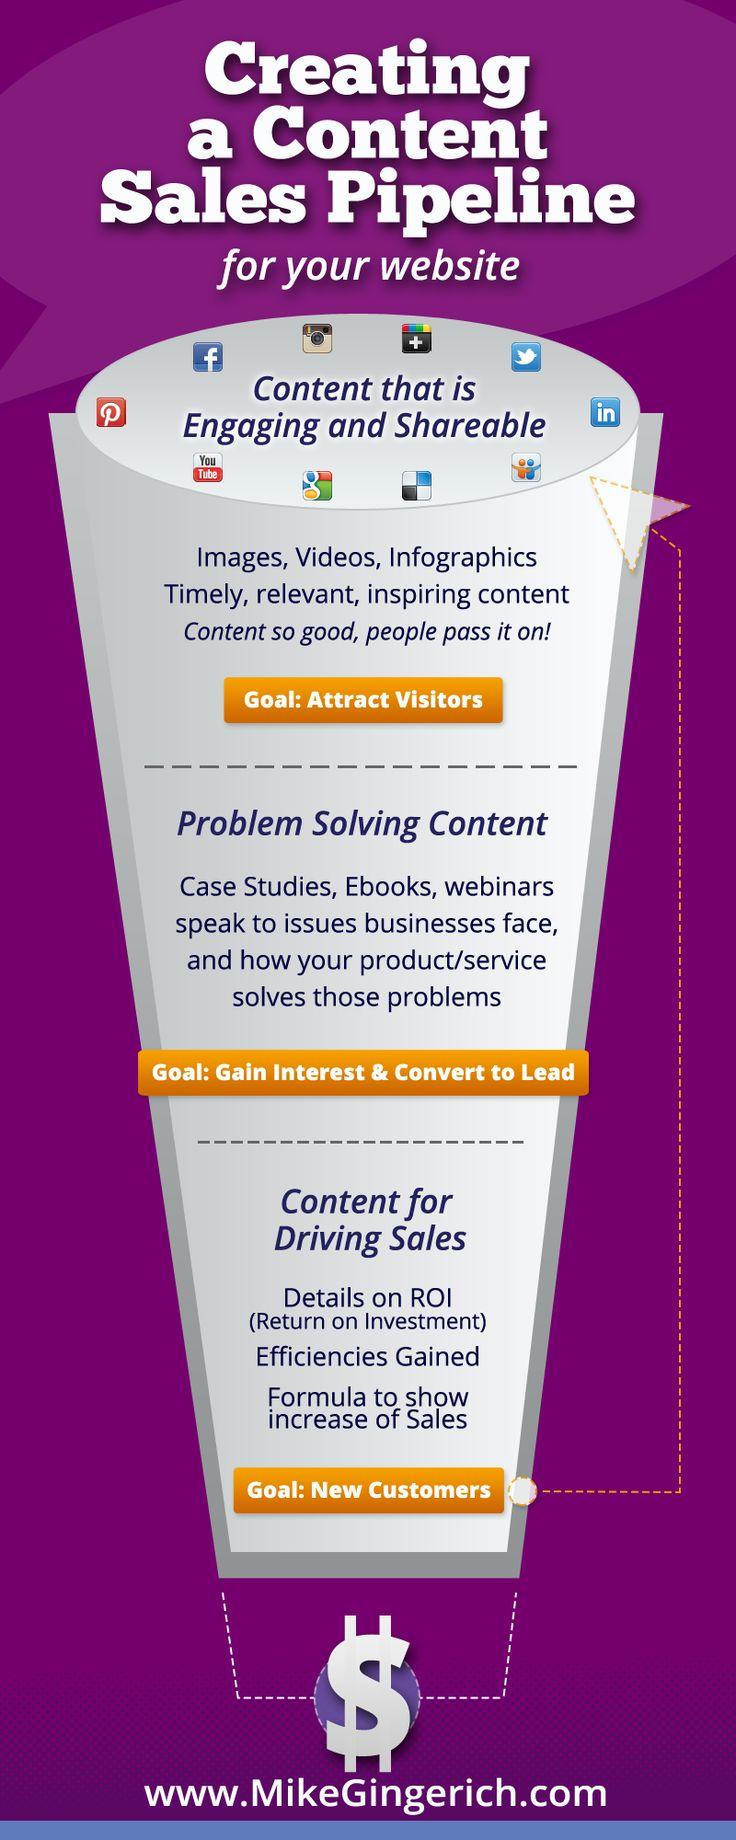 siteniz-icin-icerik-ile-satis-hatti-olusturma-yontemleri İçerik İle Satış Arttırma Yöntemleri [Infografik] İçerik İle Satış Arttırma Yöntemleri Infografik siteniz icin icerik ile satis hatti olusturma yontemleri